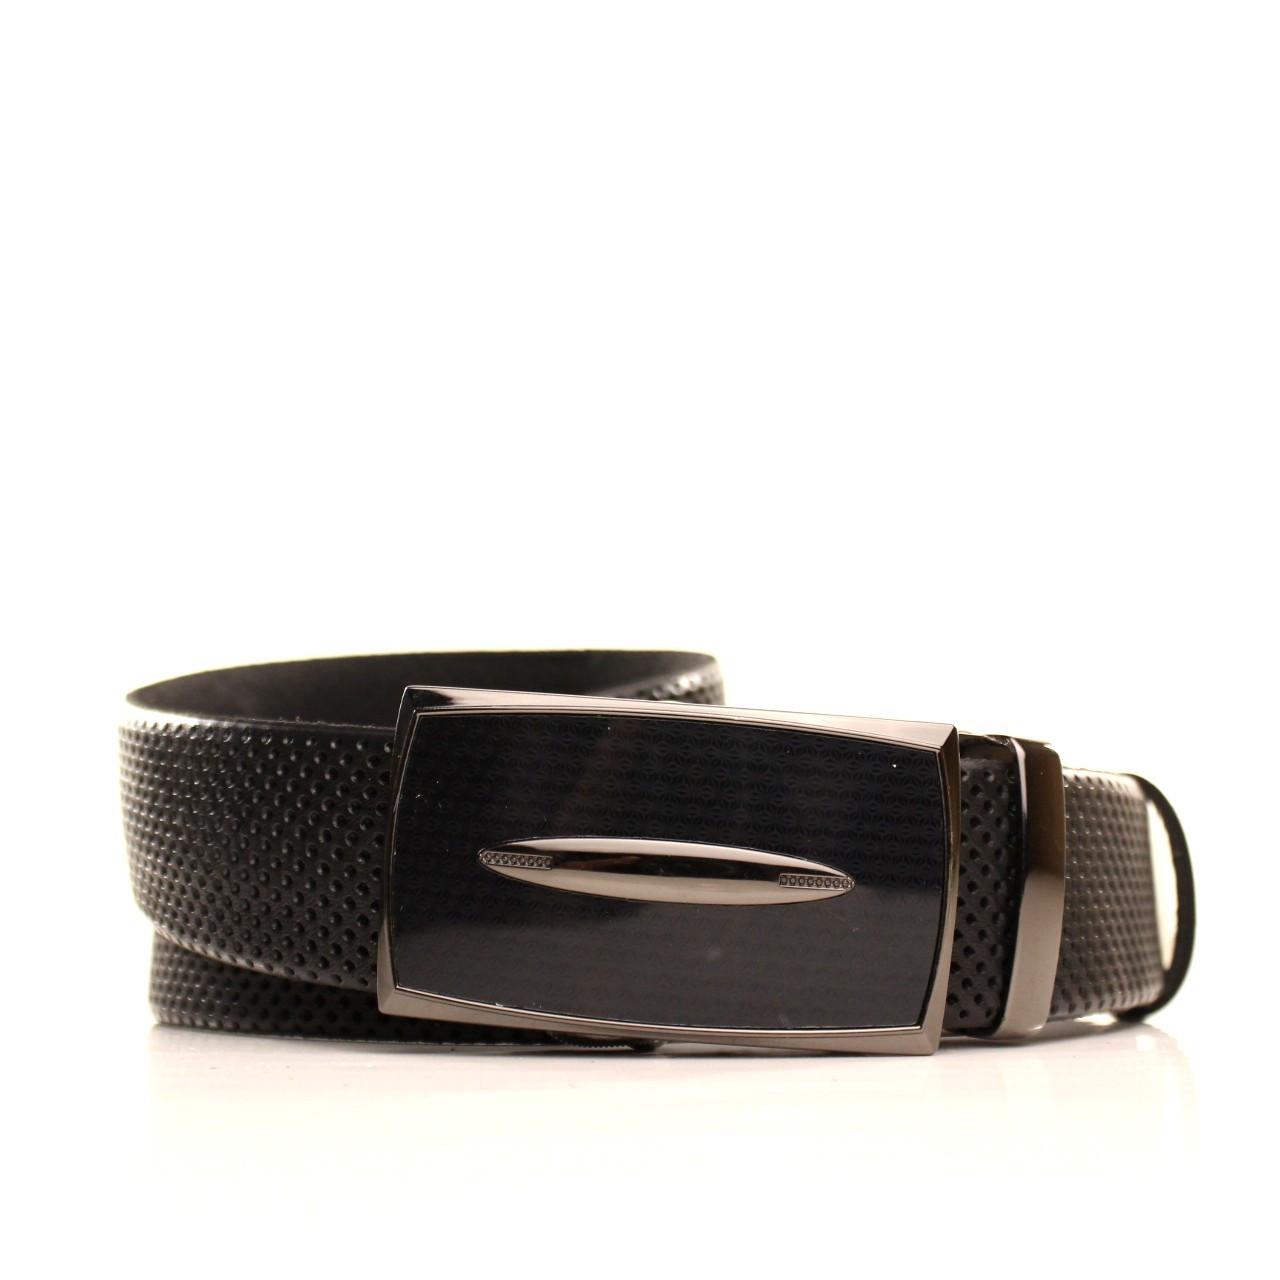 Ремень Lazar кожаный черный L35U1A175 120-125 см